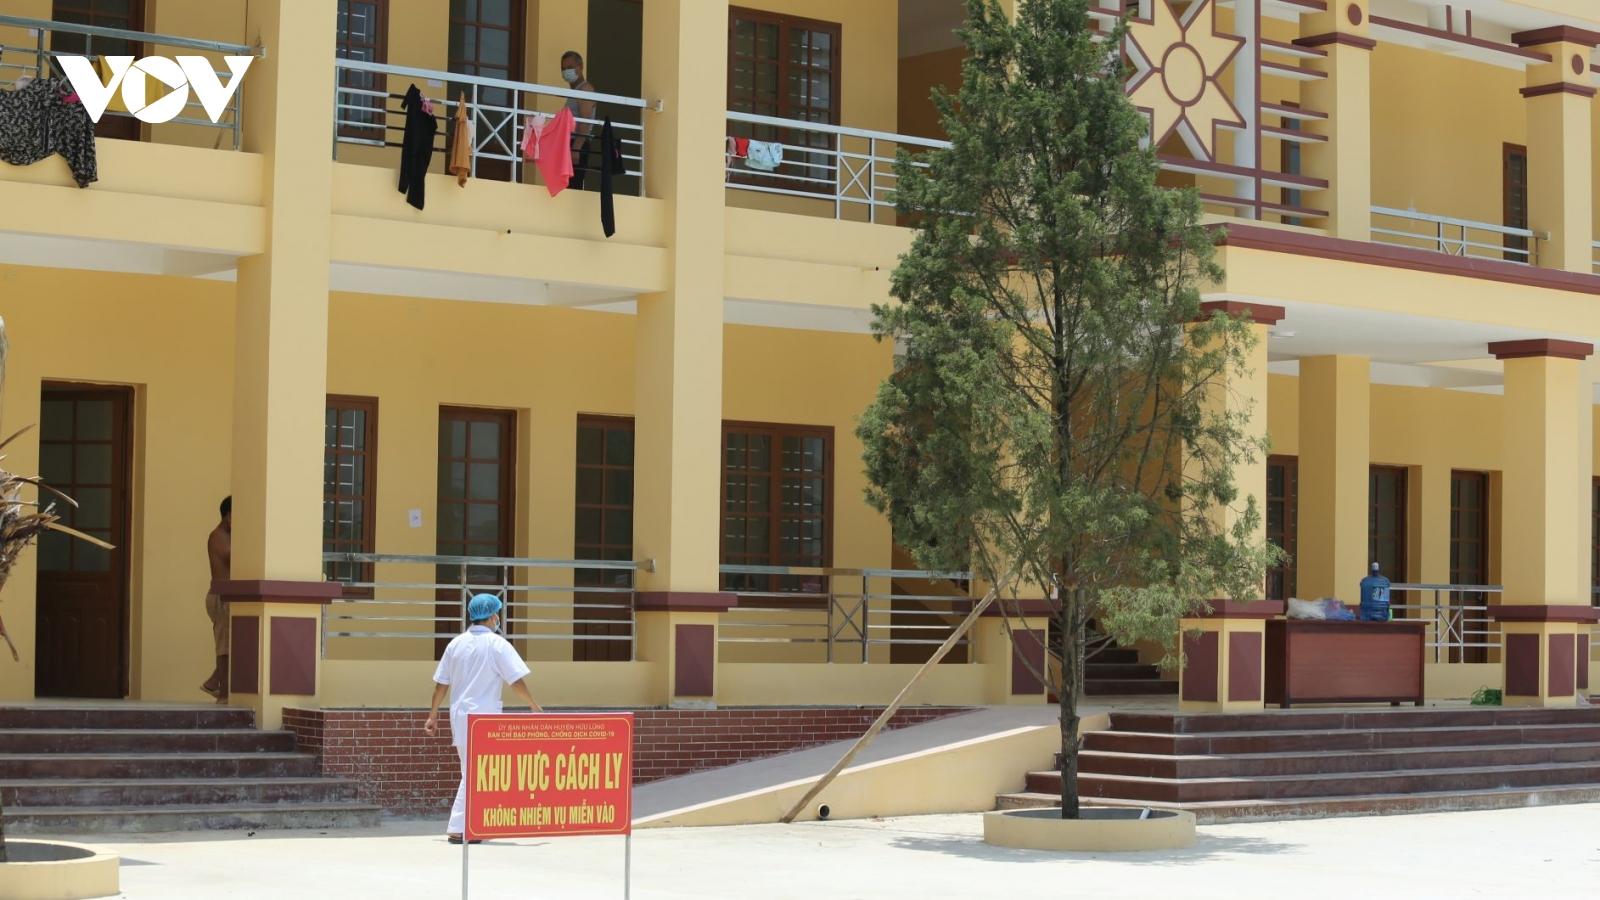 305/331 F1 ở Lạng Sơn có kết quả âm tính lần thứ nhất